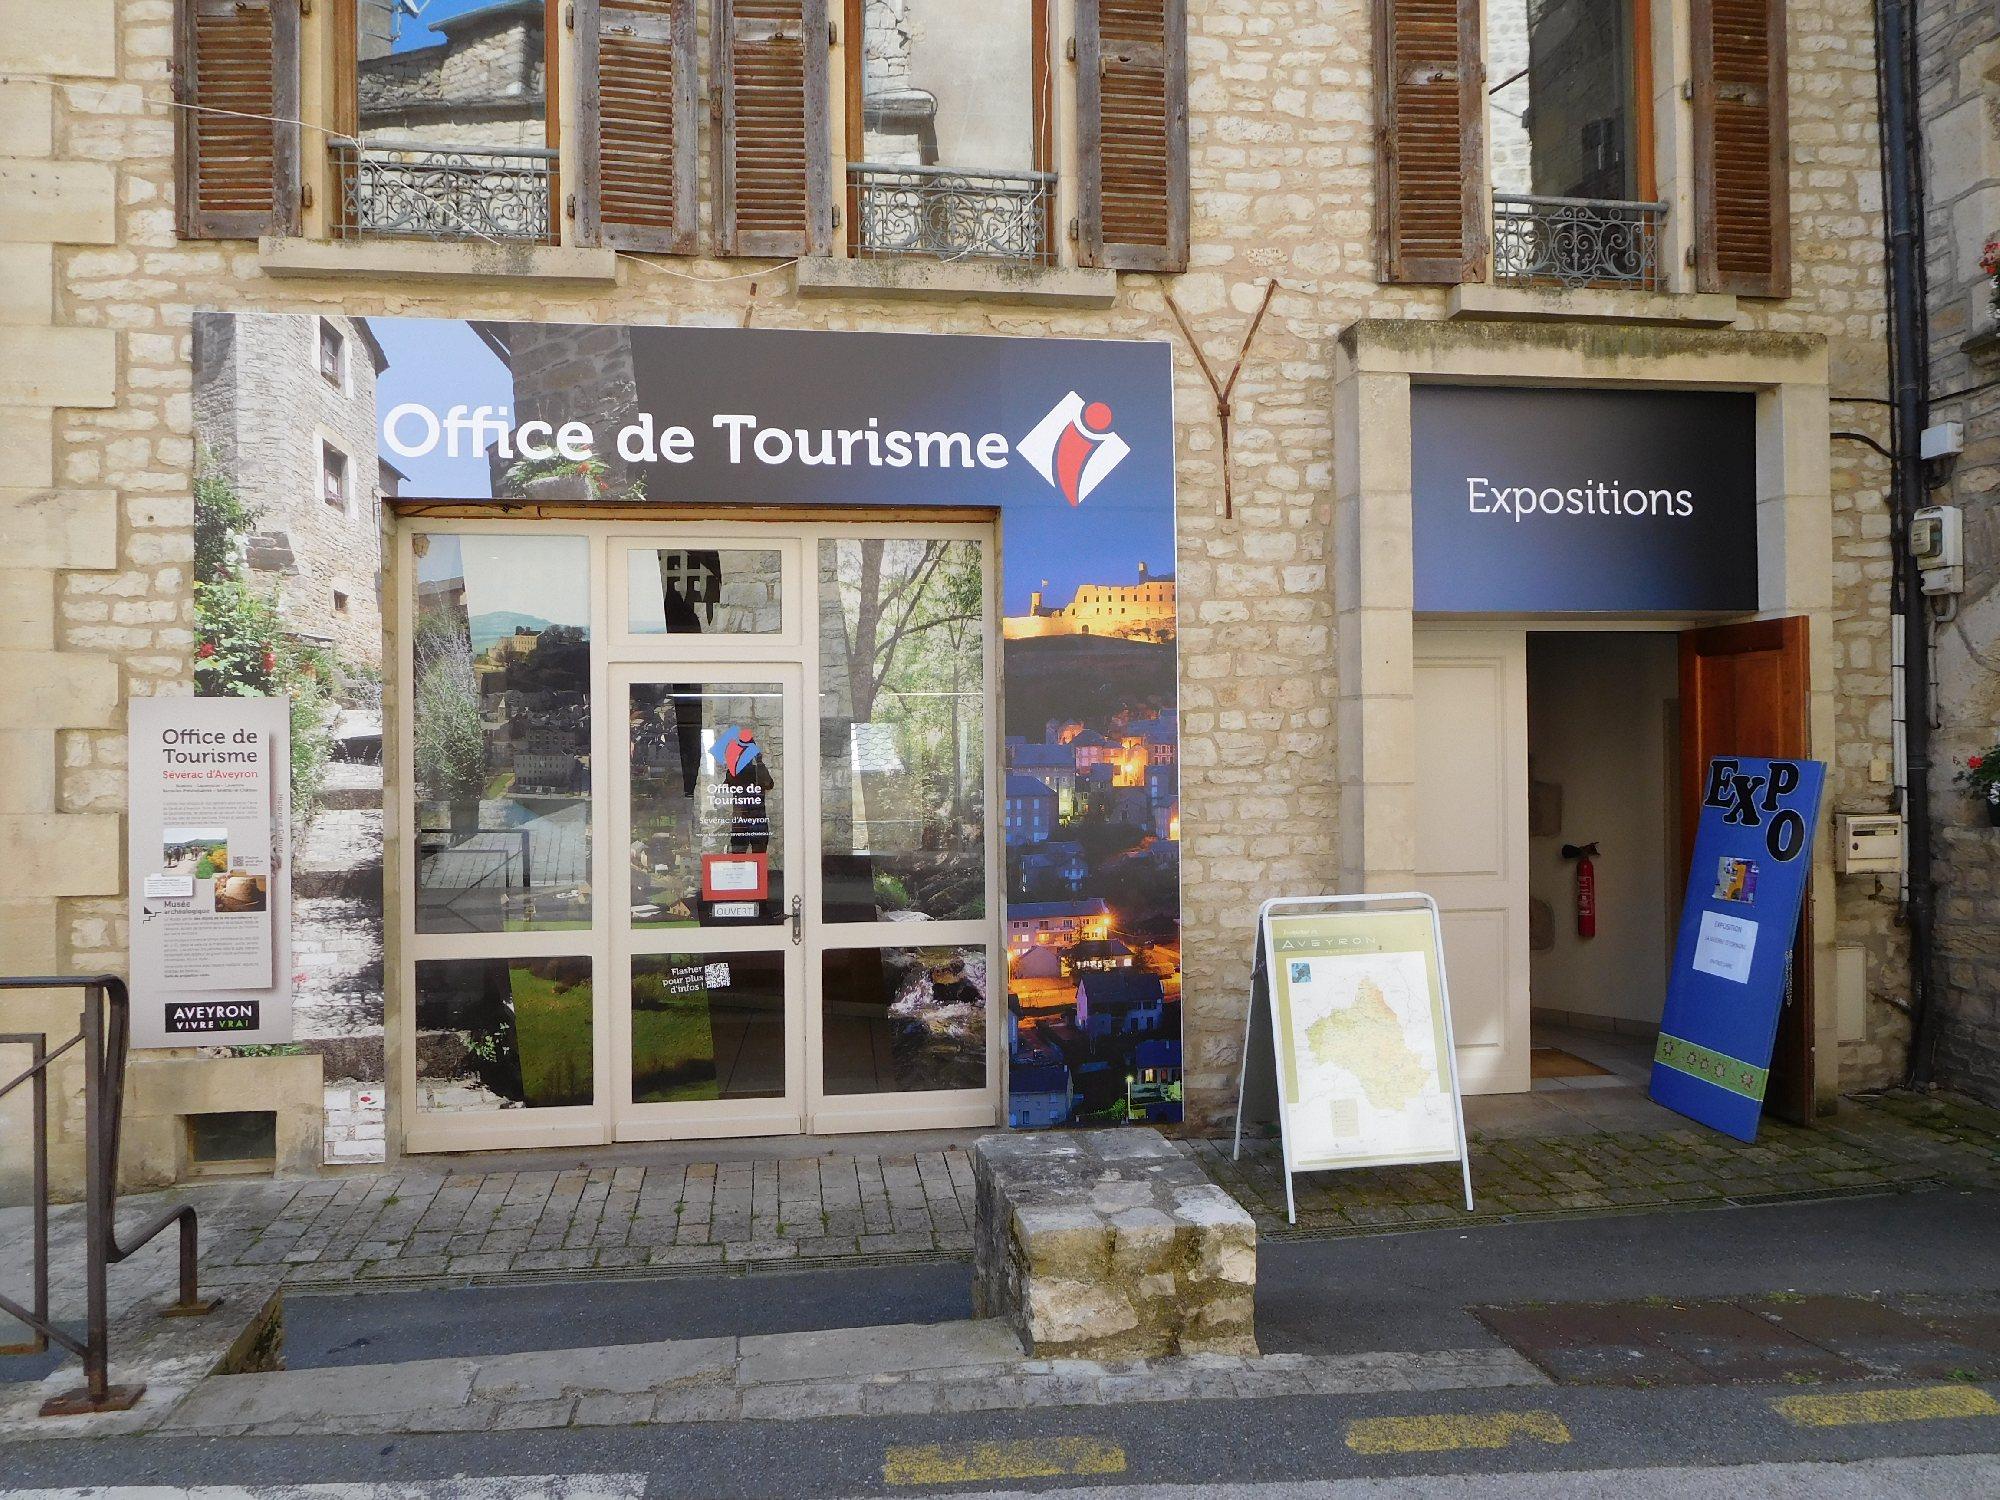 Office de tourisme des causses l 39 aubrac bureau de s v rac d 39 aveyron s v rac d 39 aveyron - Office de tourisme aveyron ...